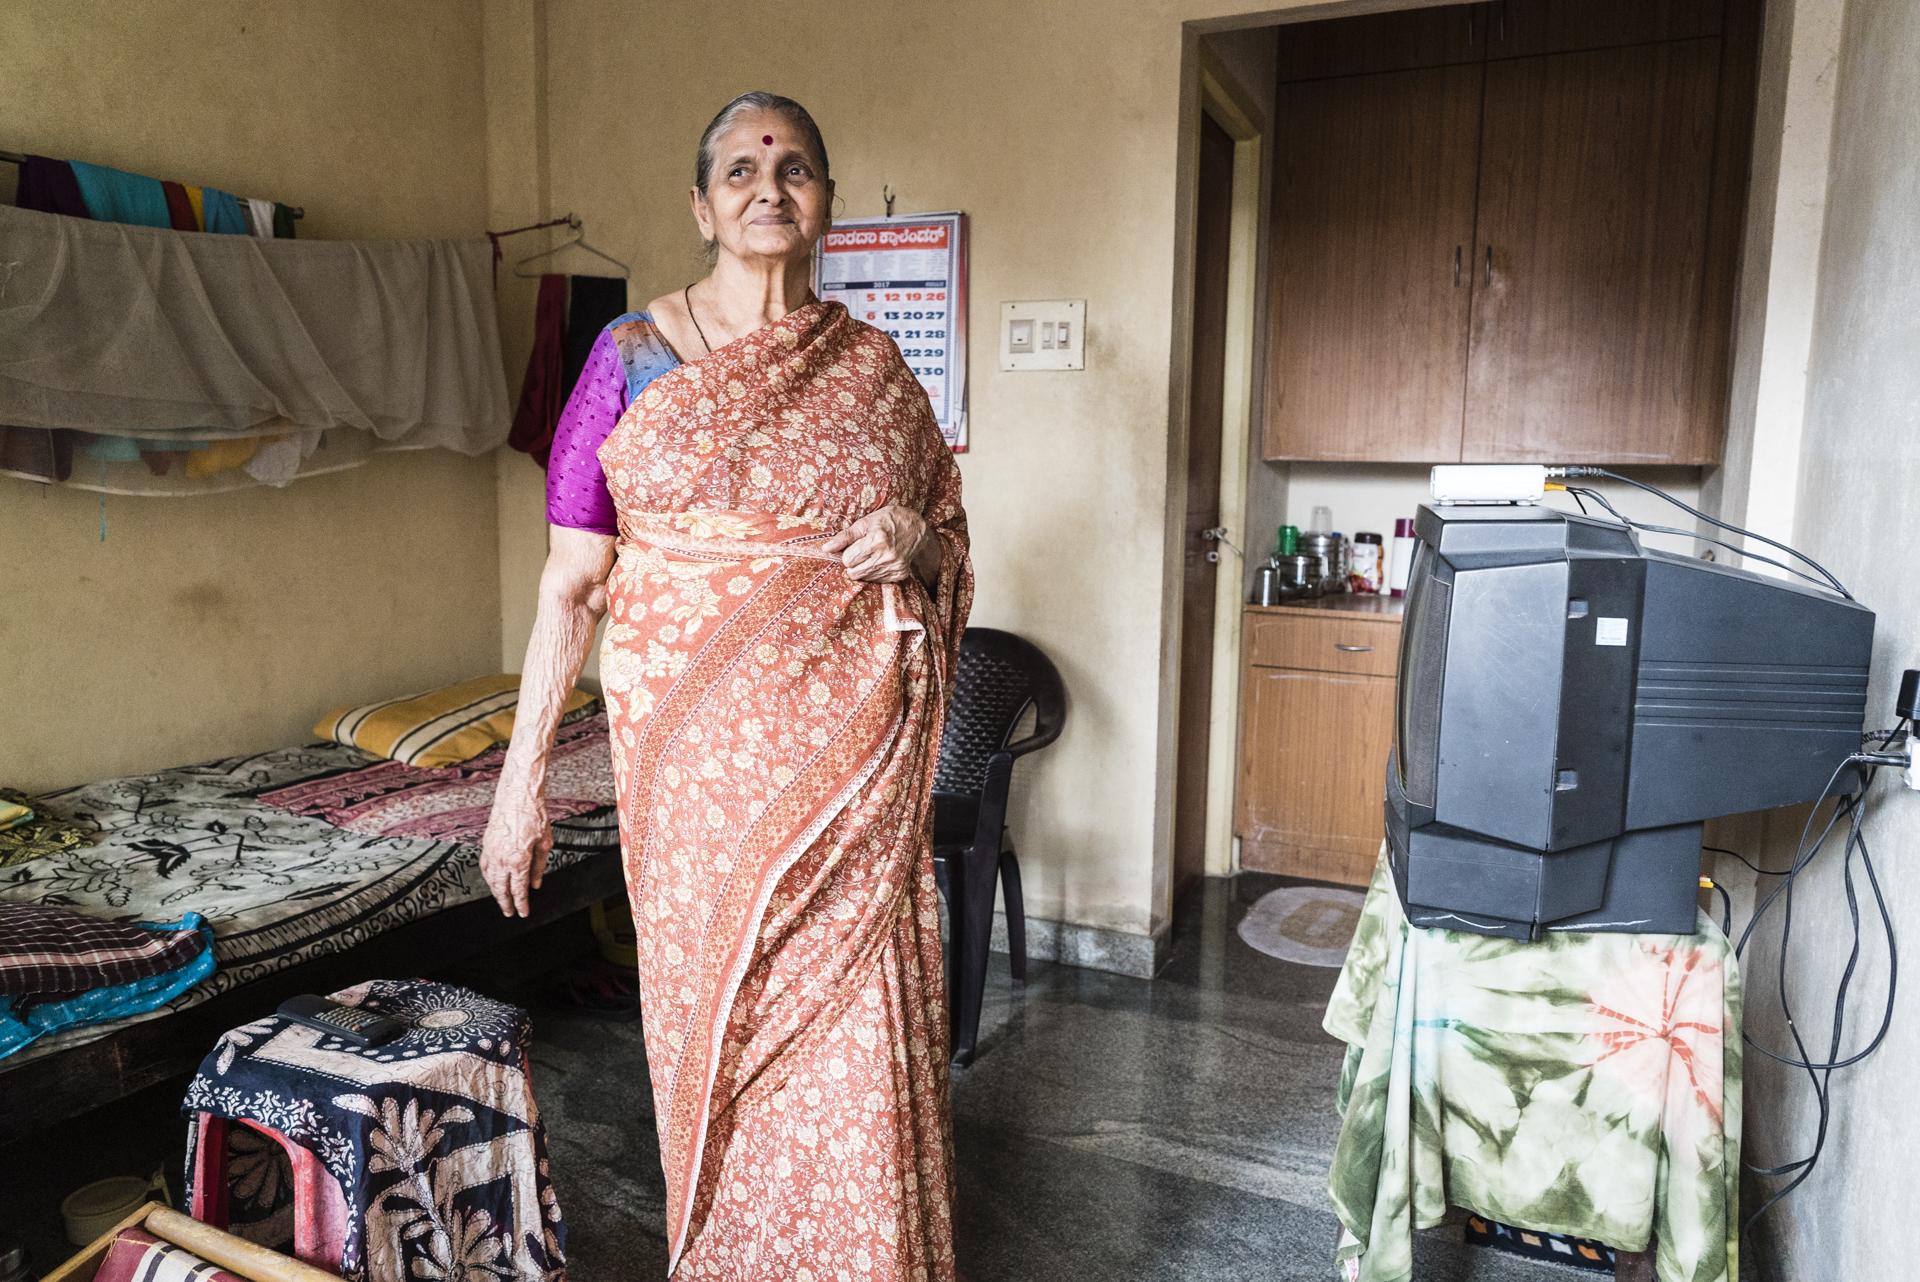 Zuflucht: Altenheime und Pflegedienste, die sich um mittellose alte Menschen kümmern, sind in Indien selten. Dazu kommt, dass kaum jemand in der Altenpflege arbeiten will. Fotos: Benjamin Füglister